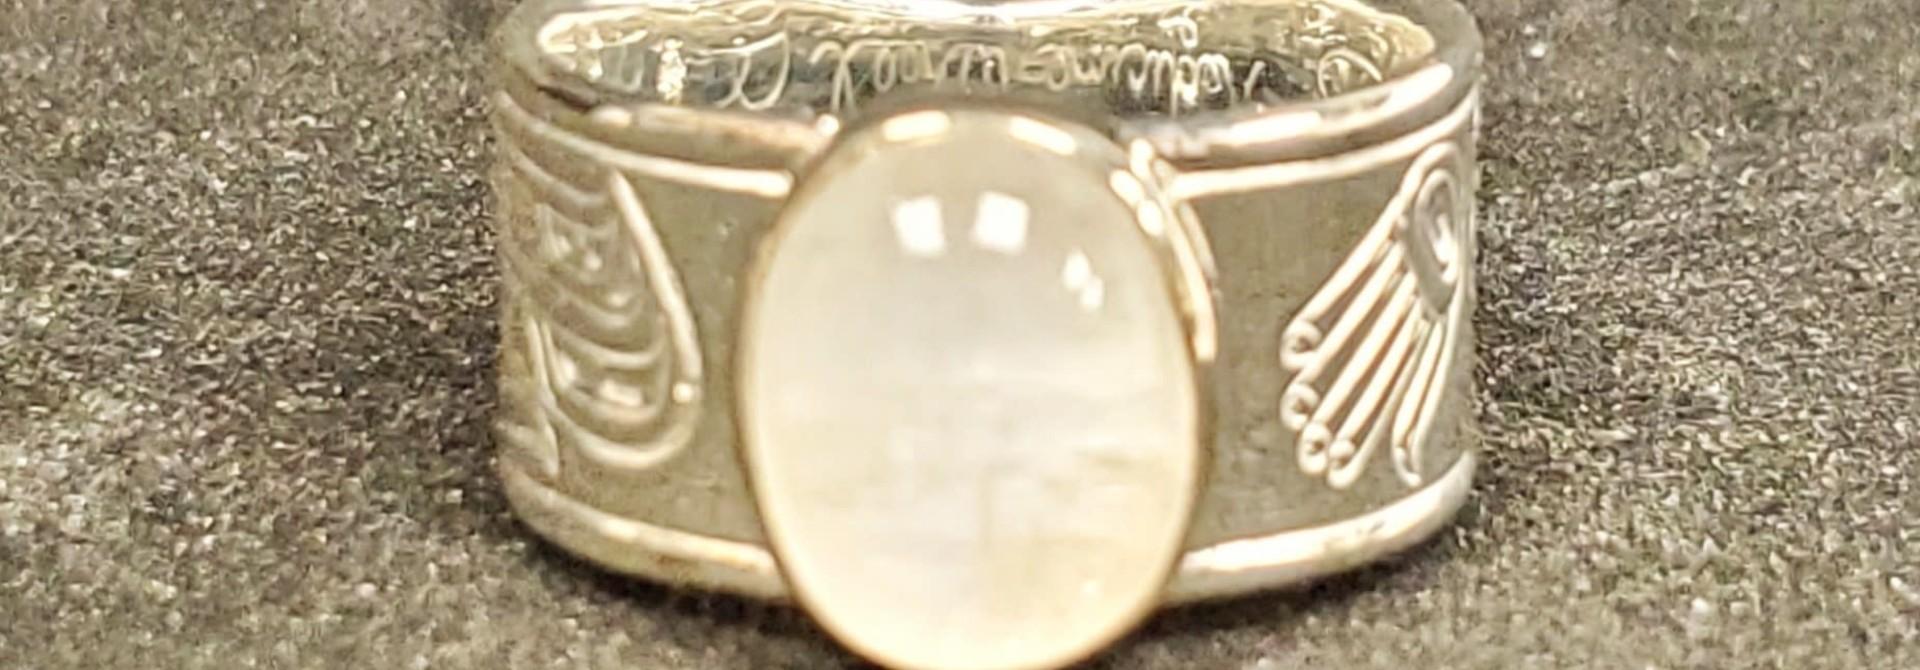 Medicine Wheel Gathering - Silver w Moonstone Inlay